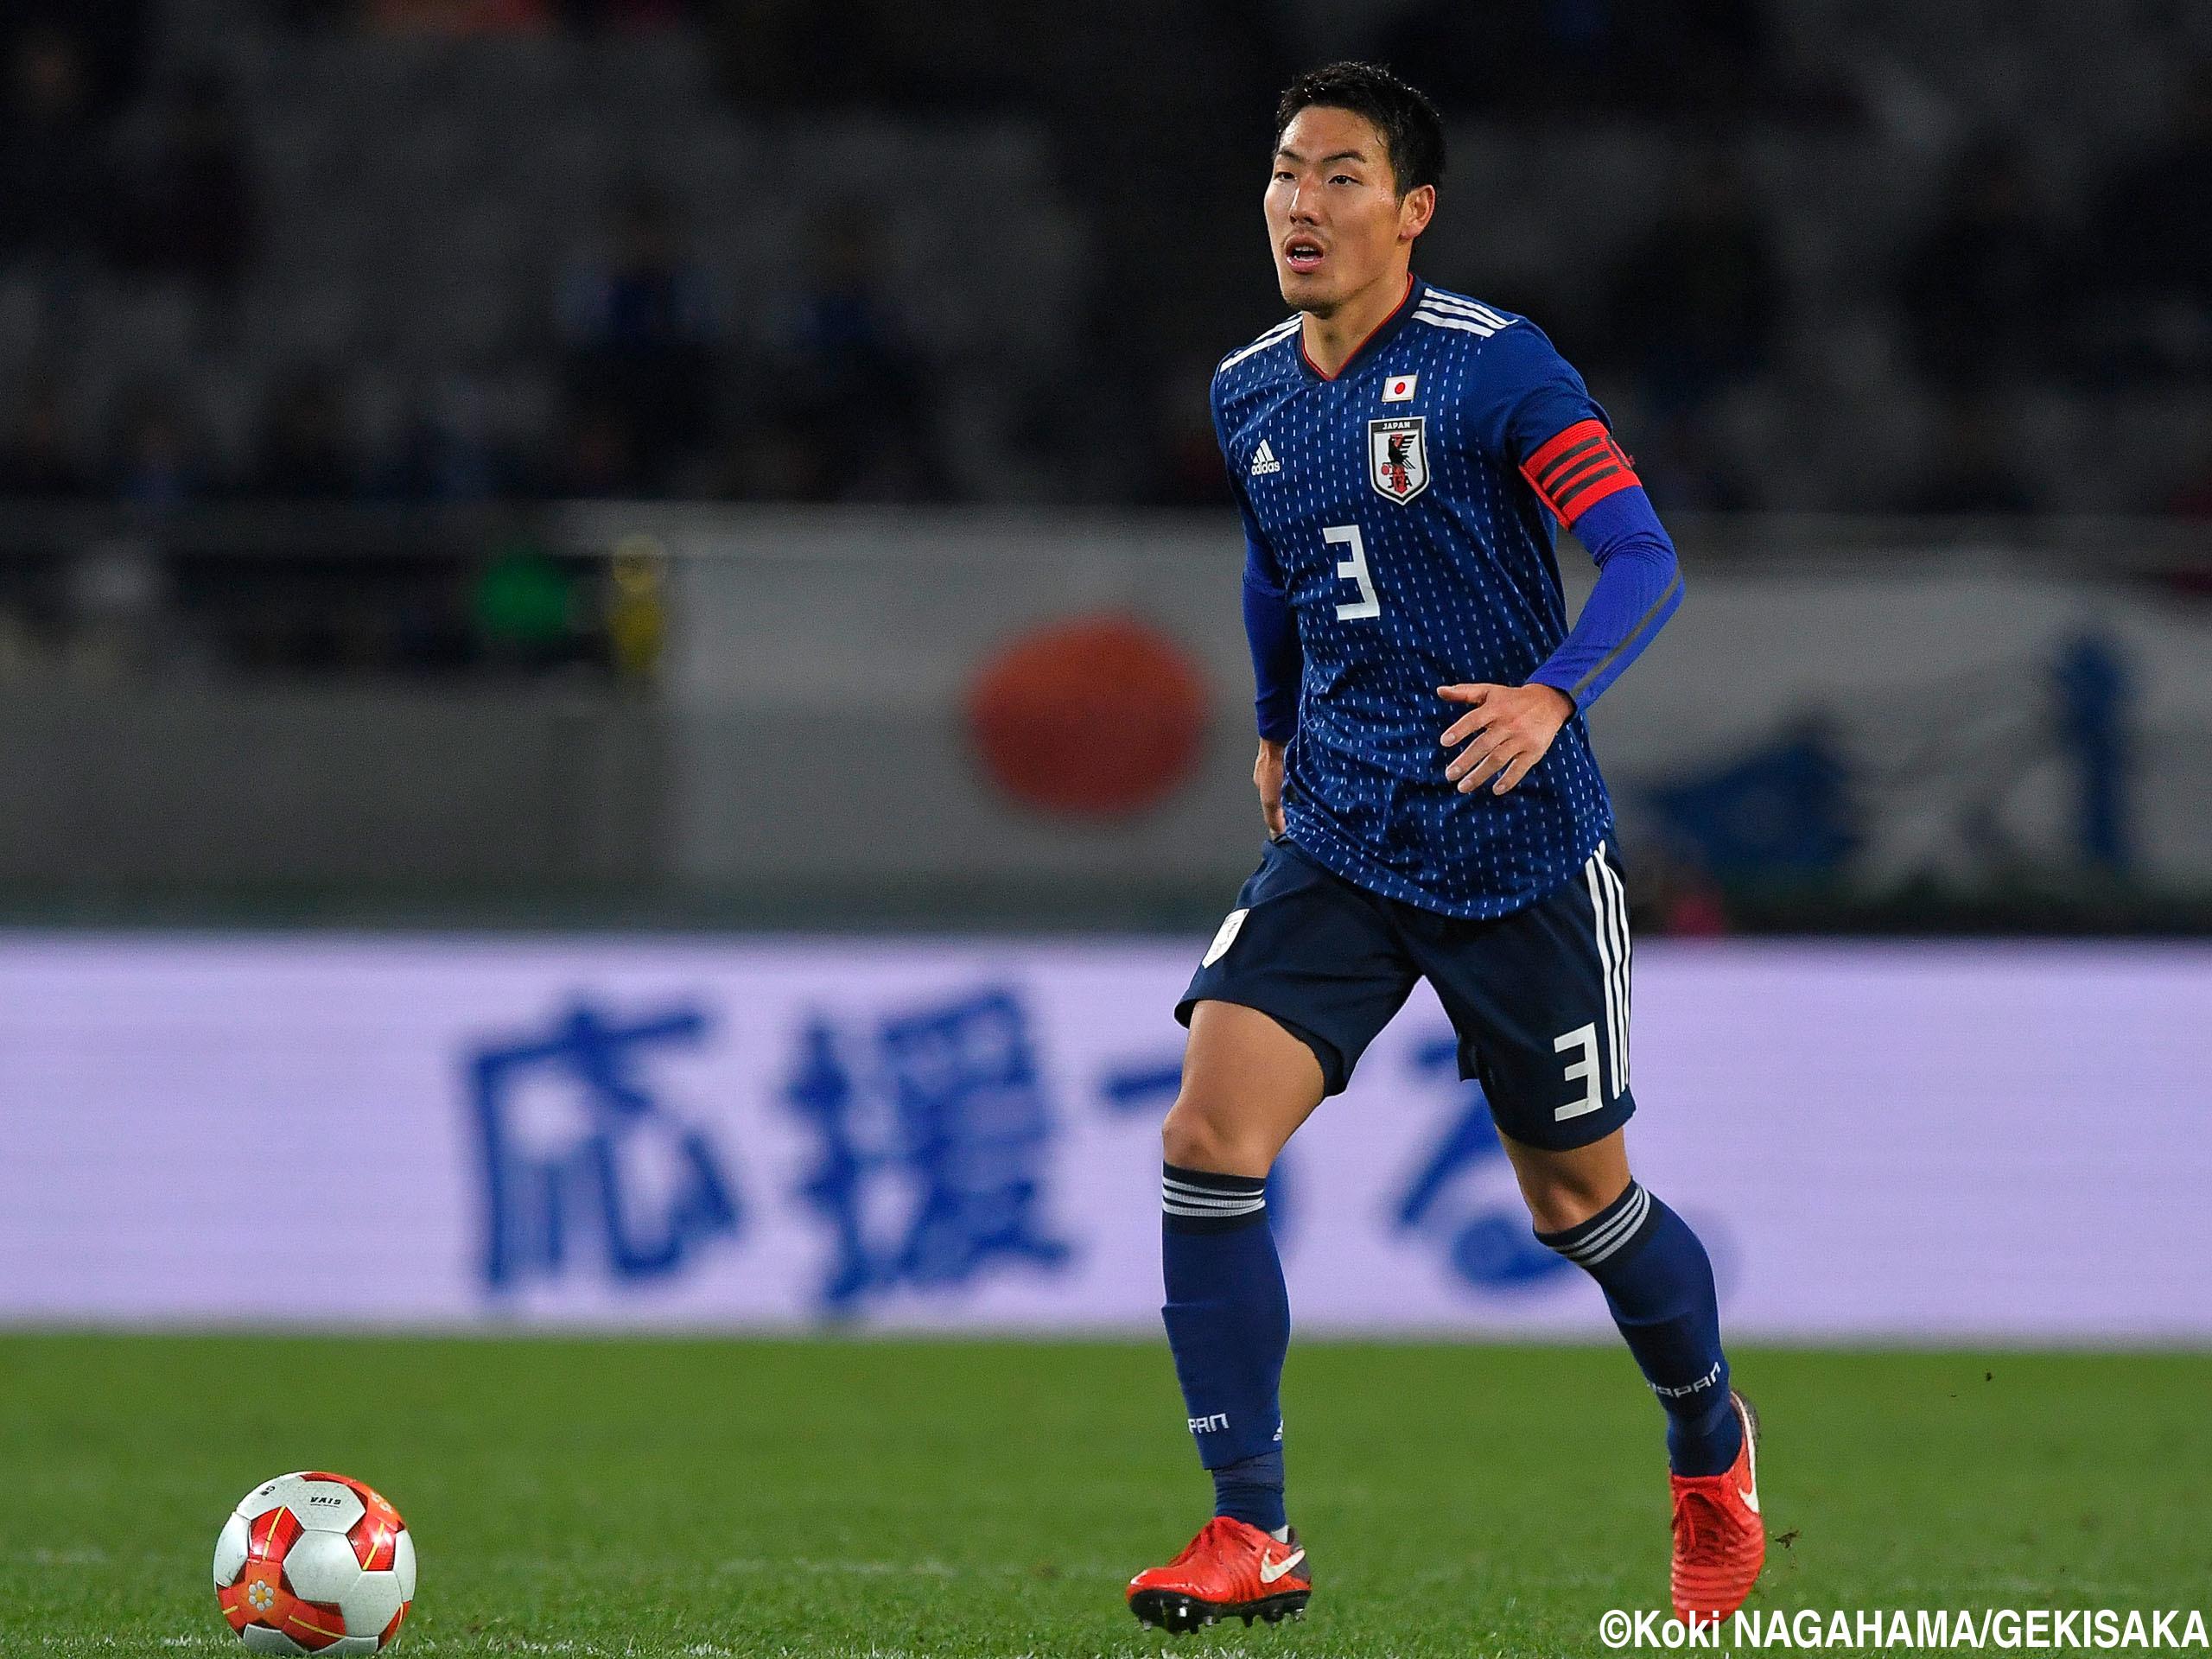 鹿島アントラーズ原理主義 日本代表・昌子源、選手として1歩 ...